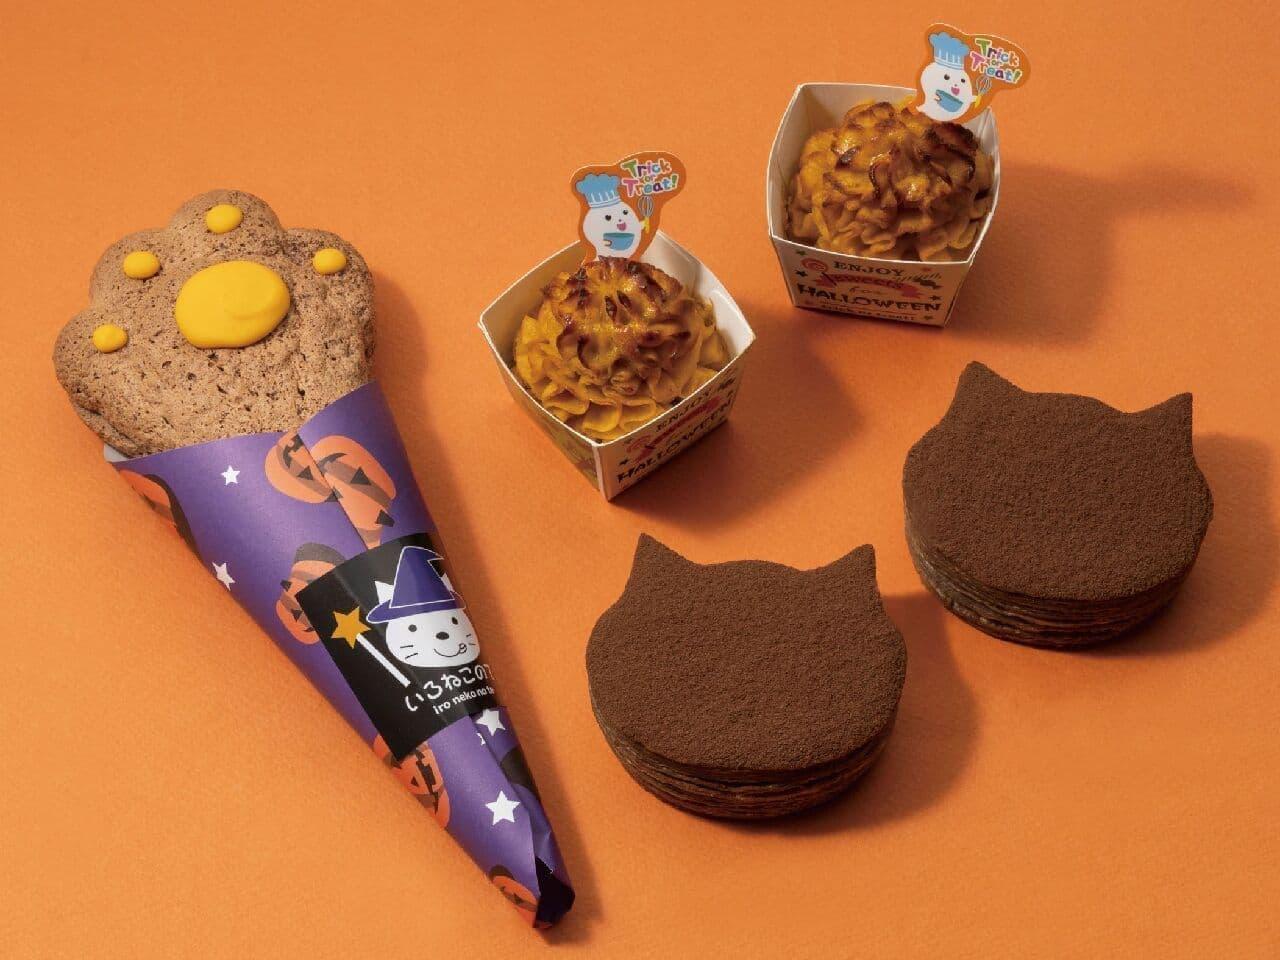 大阪新阪急ホテル「いろねこパイmini(パンプキン)」「いろねこのて ハロウィン(パンプキン)」「かぼちゃのスイートポテト」